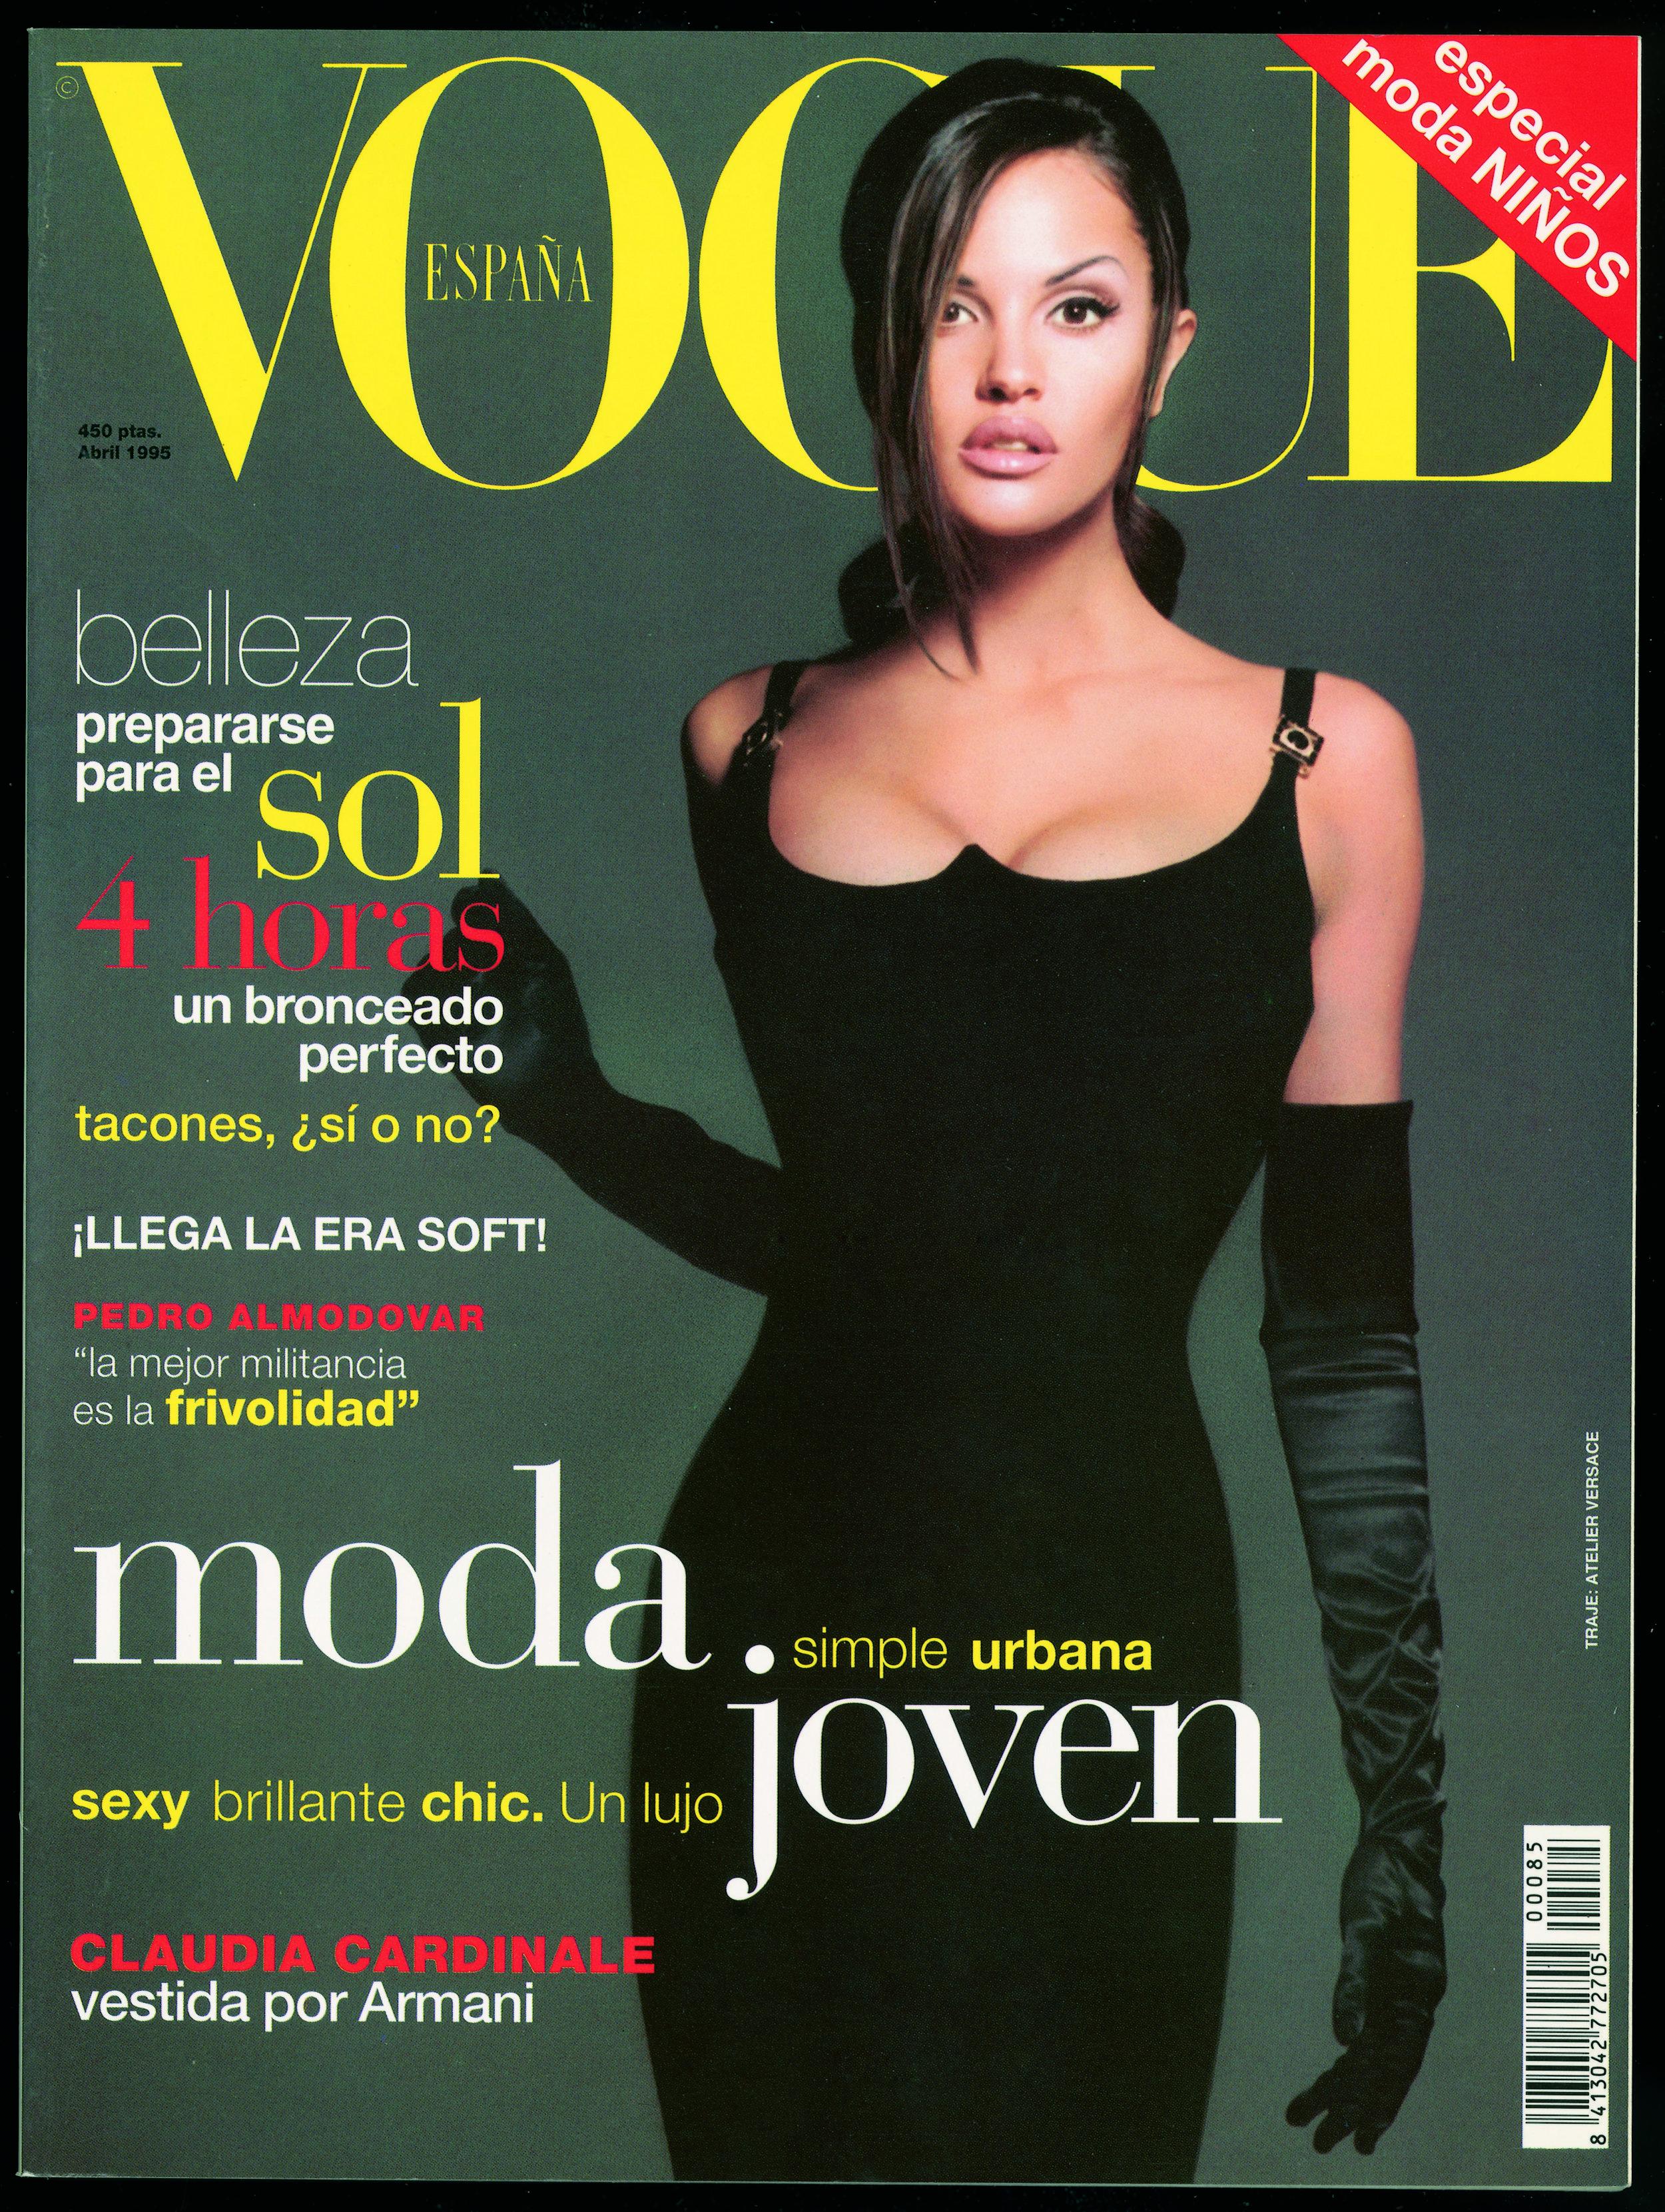 Vogue Spain.jpg